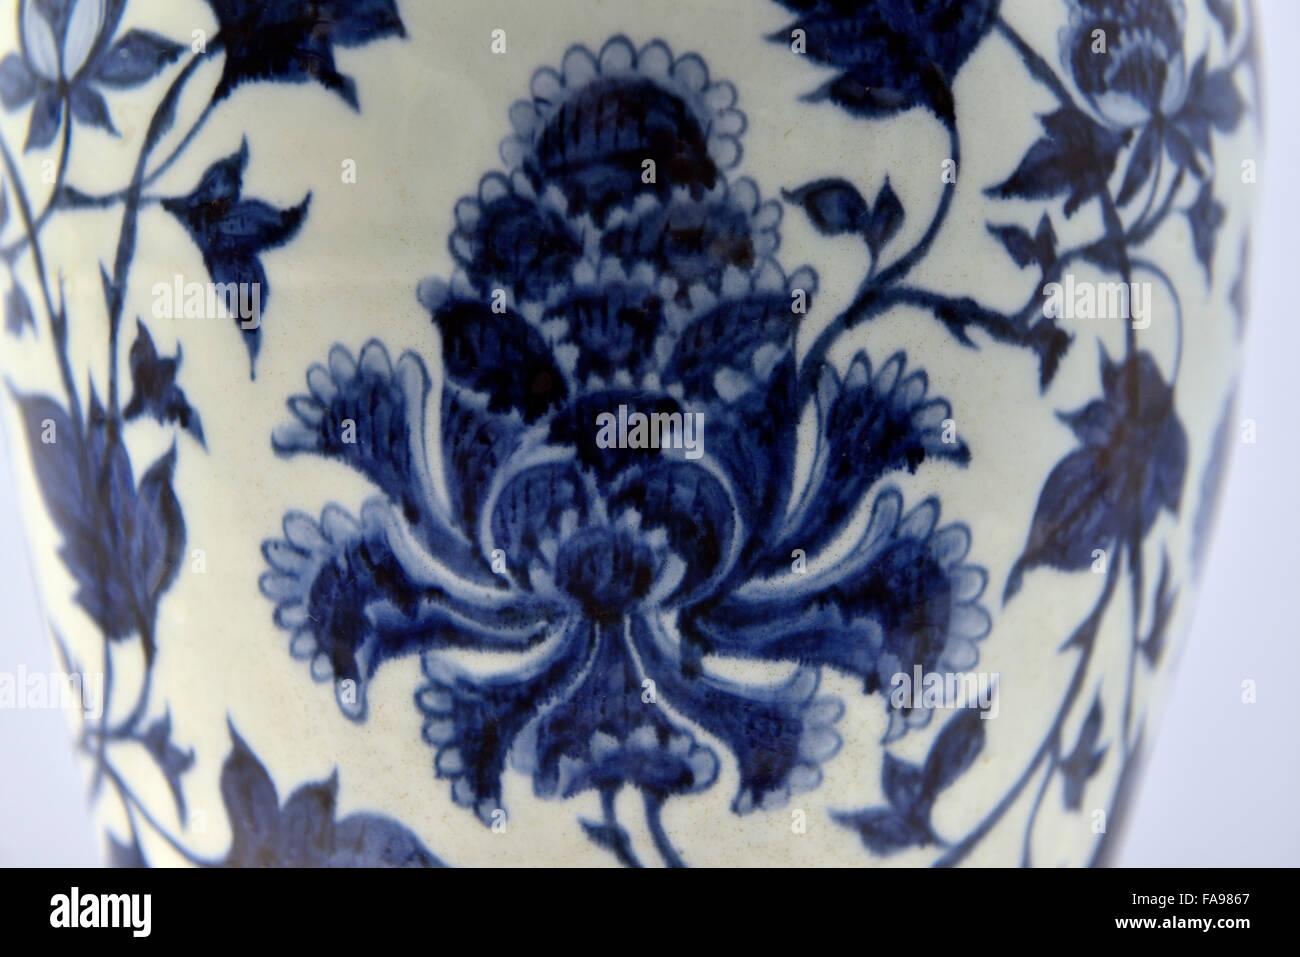 El museo de Shanghai.Jarrón con underglazes blue Diseño entrelazado de peonías Jingdezhen ware Yuan, Imagen De Stock